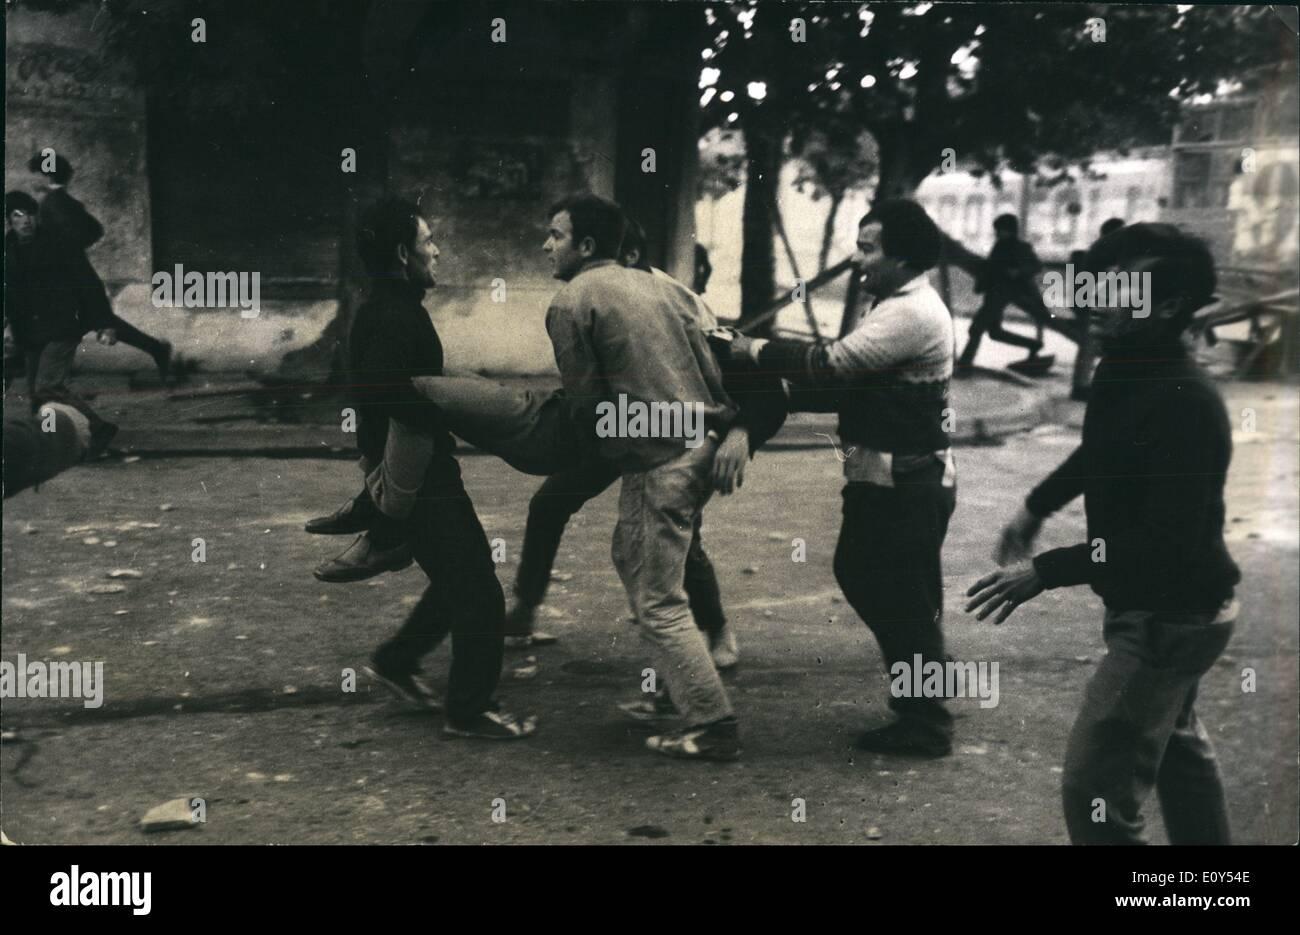 Nov 11, 1968 - Estudiantes a recoger a sus compañeros. Los estudiantes revuelta en Montevideo, Uruguay. ne Z Imagen De Stock